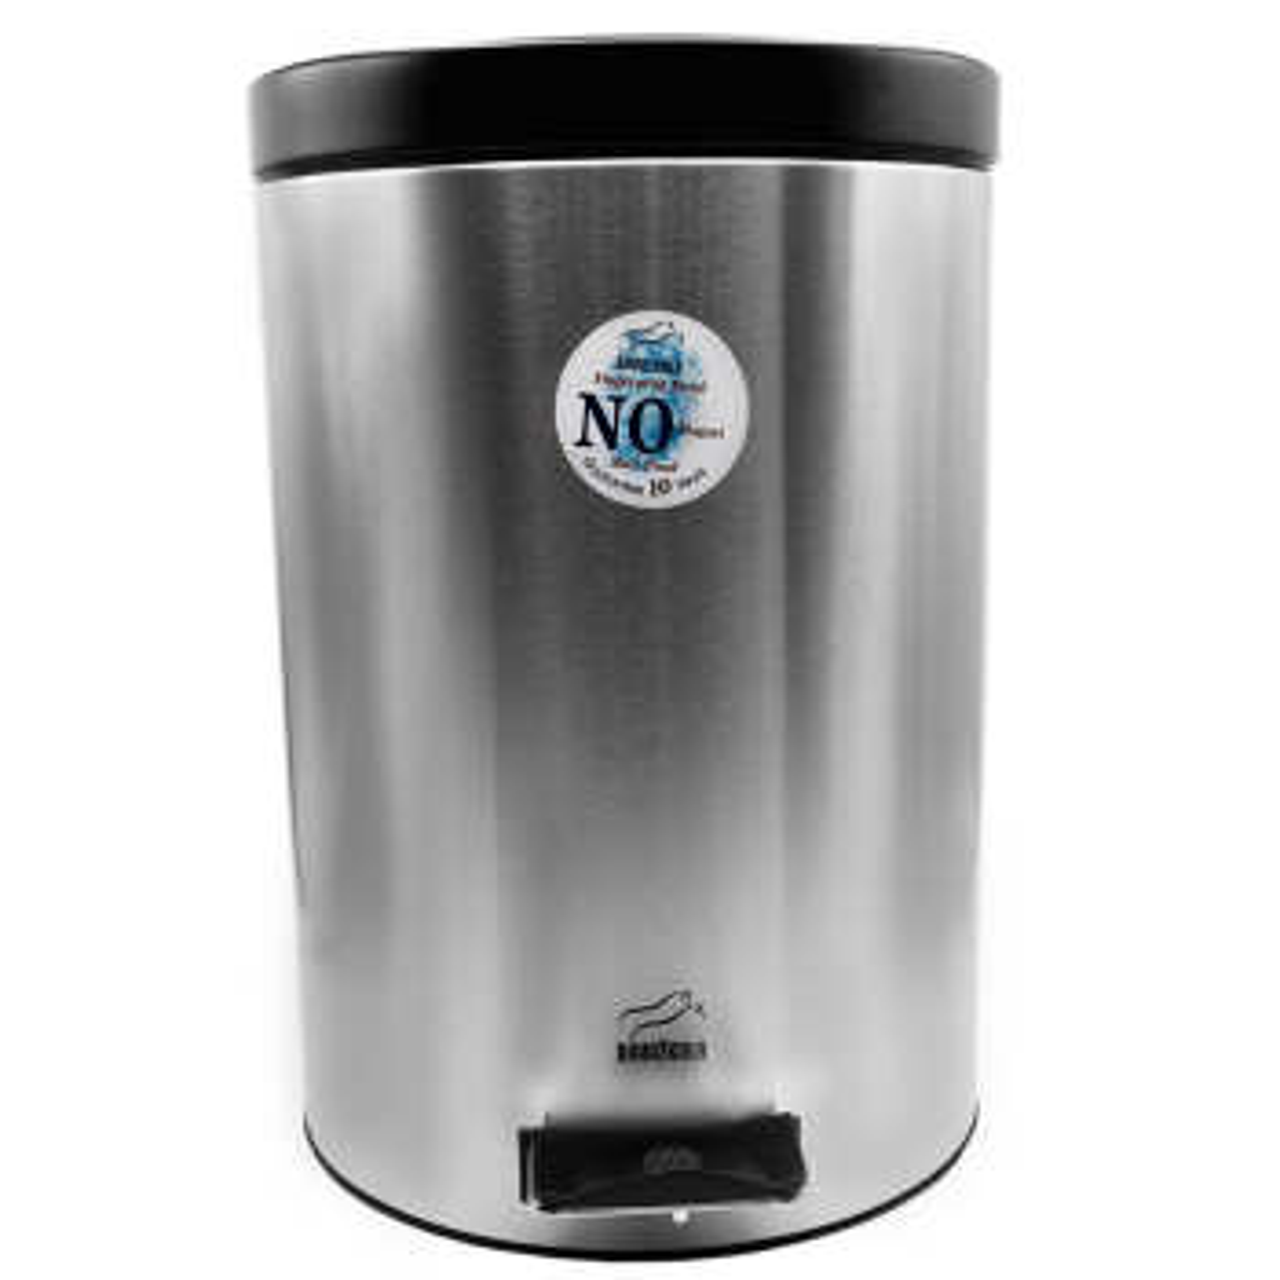 سطل زباله پدالی بهاز کالا مدل 503 ظرفیت 14 لیتری